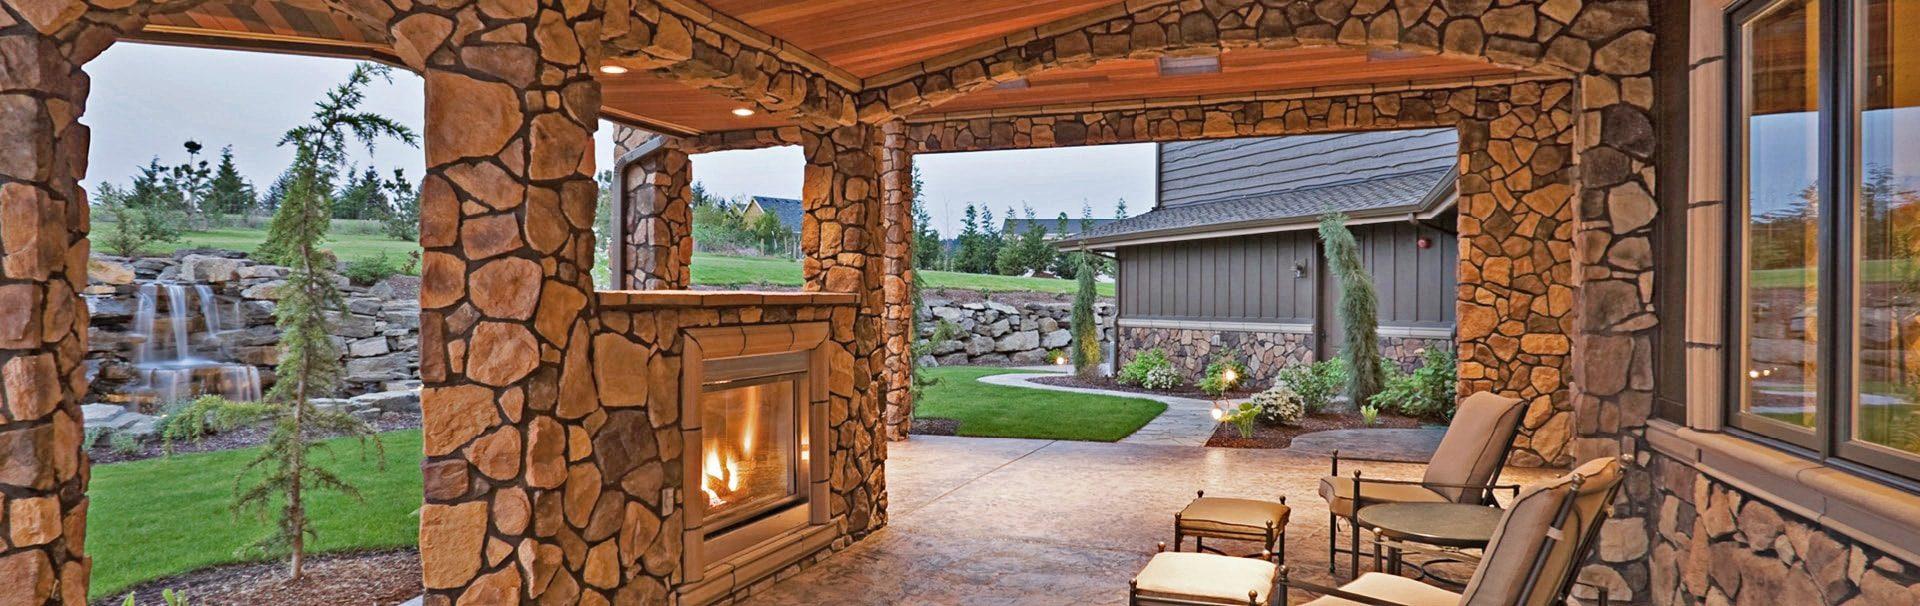 stone home architecture